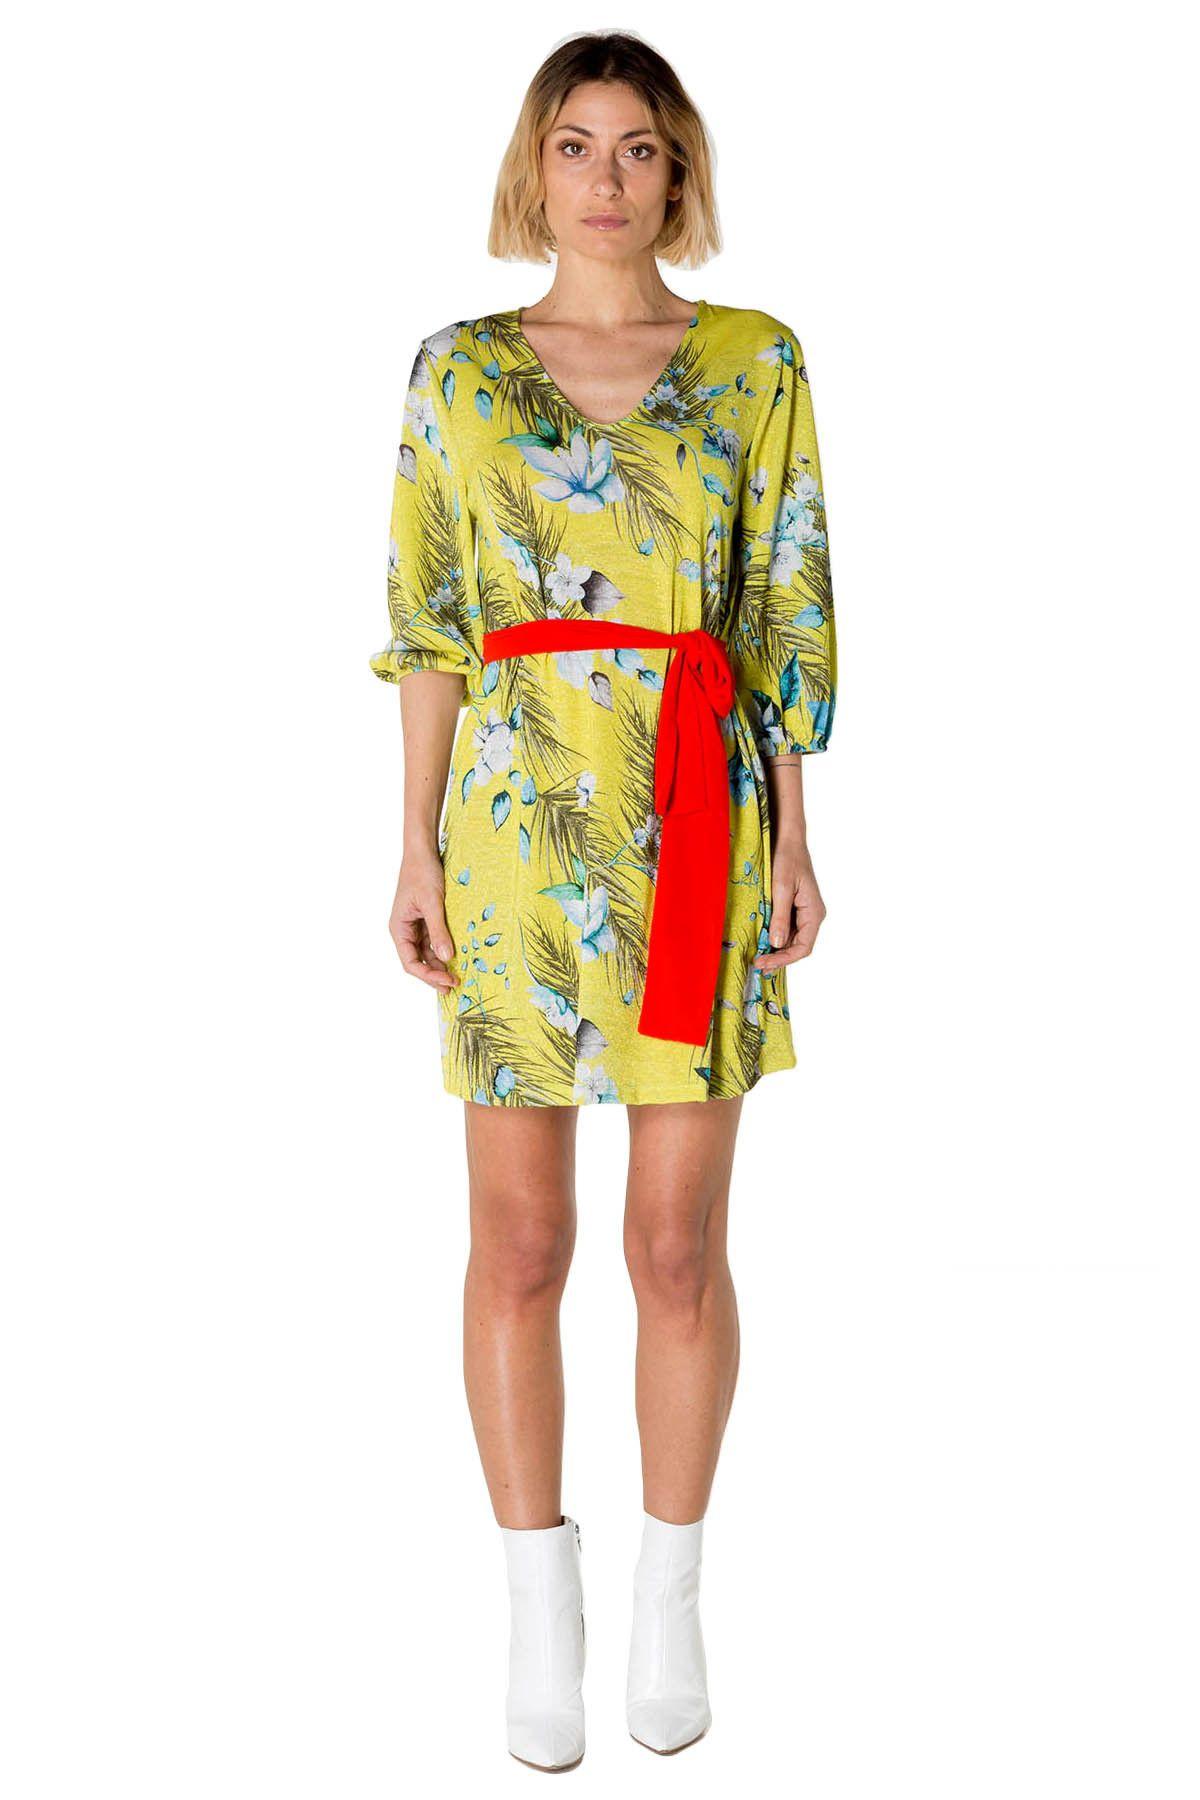 Olivia Hops Women's Dress In Green